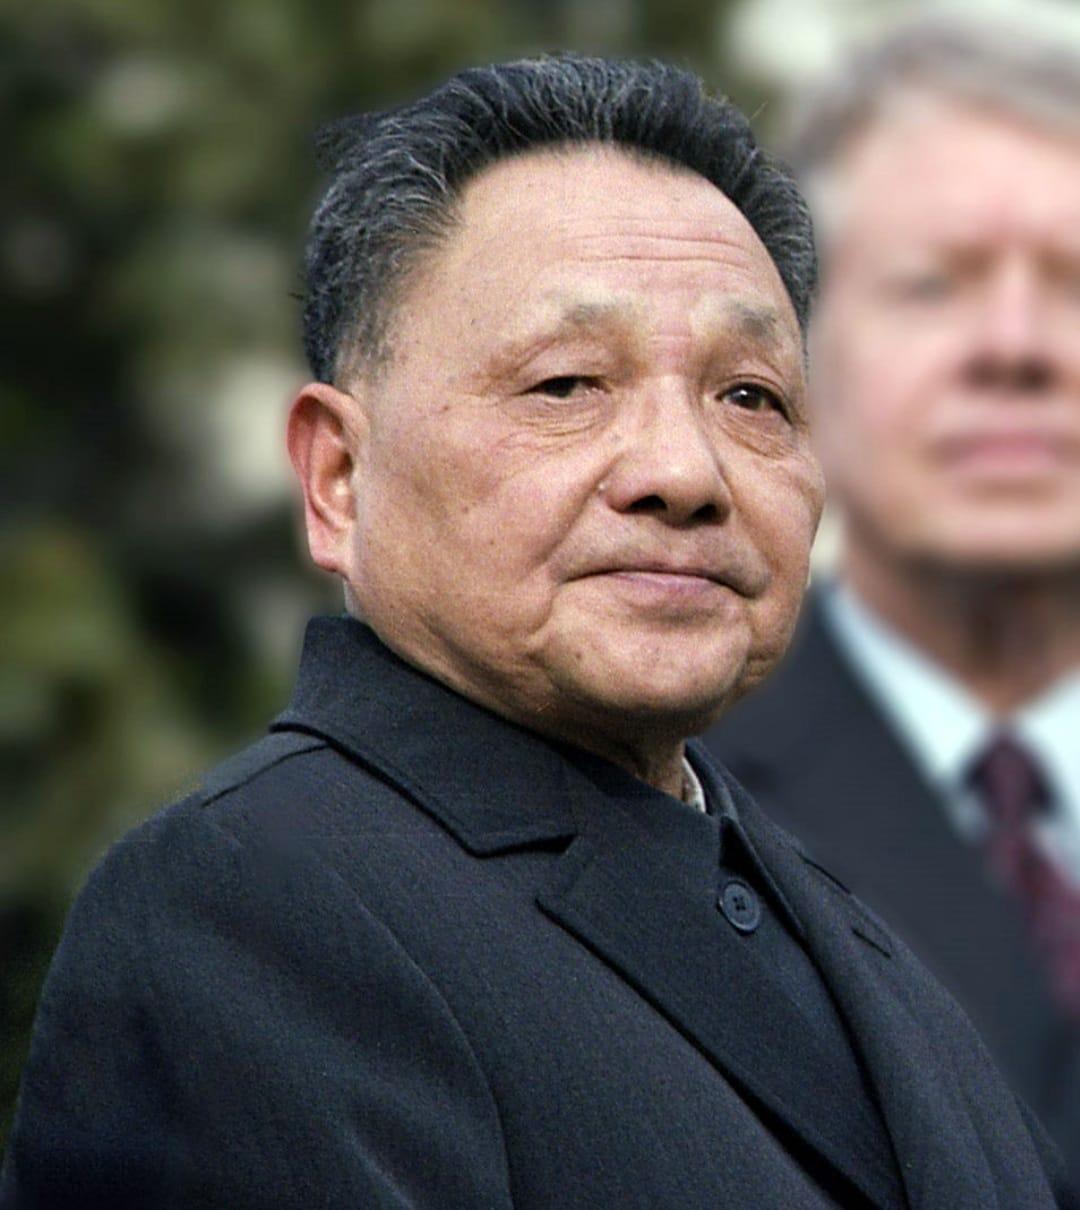 """דנג שיאו פינג מראשי הנהגת המ""""ק הסינית וממחוללי הרפורמציה הכלכלית בסין ; מת ב-22 באוגוסט 1997"""